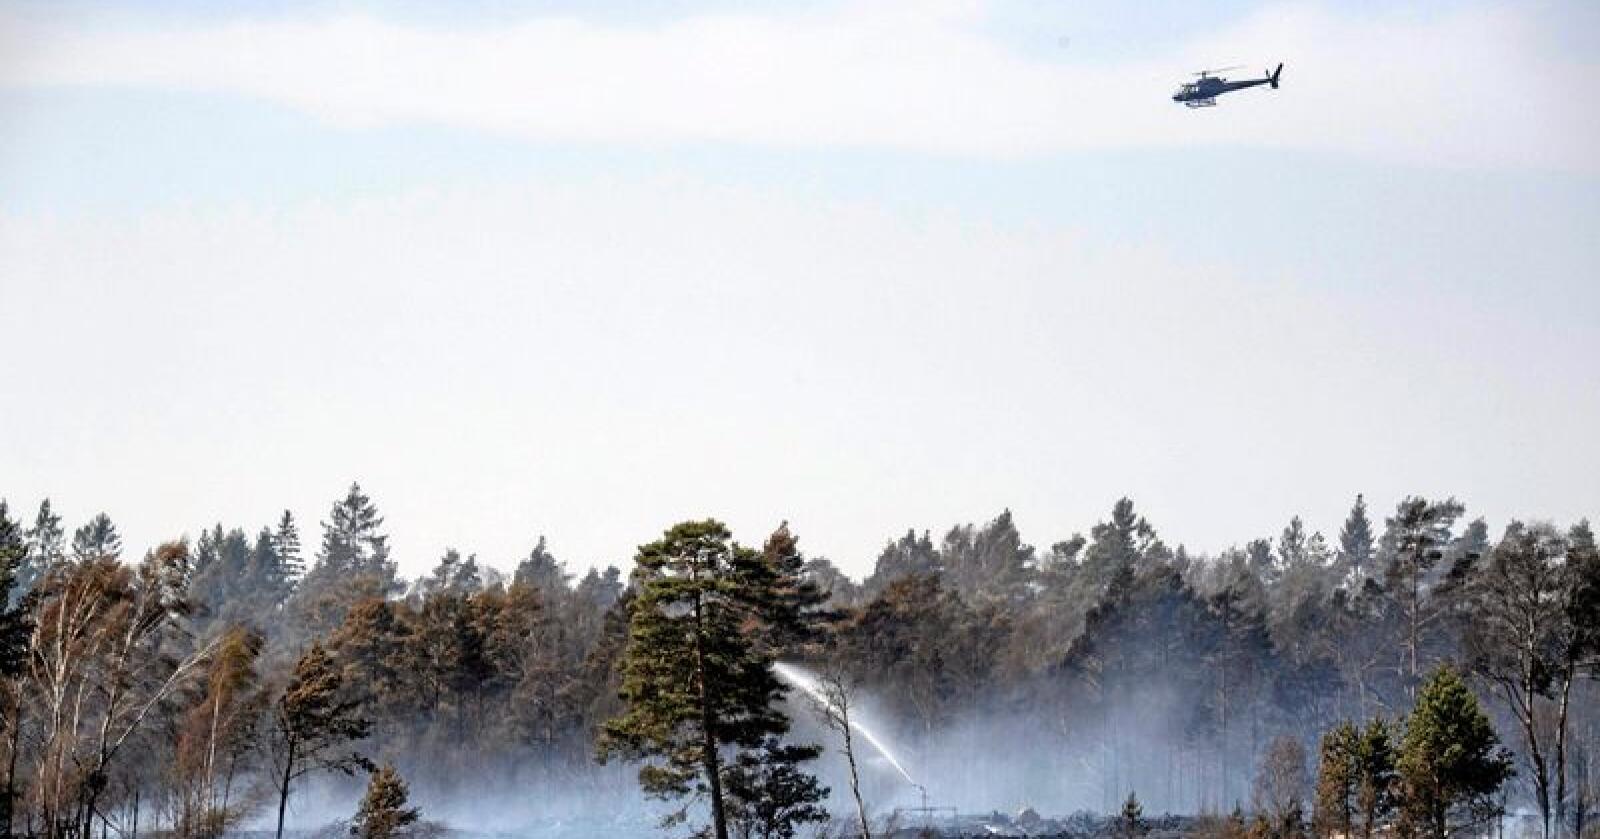 Et 50-tall personer ble evakuert på grunn av skogbrannen utenfor Hästveda denne uka. Brannmannskapene har nå kontroll over denne brannen. Foto: Johan Nilsson/TT / NTB scanpix